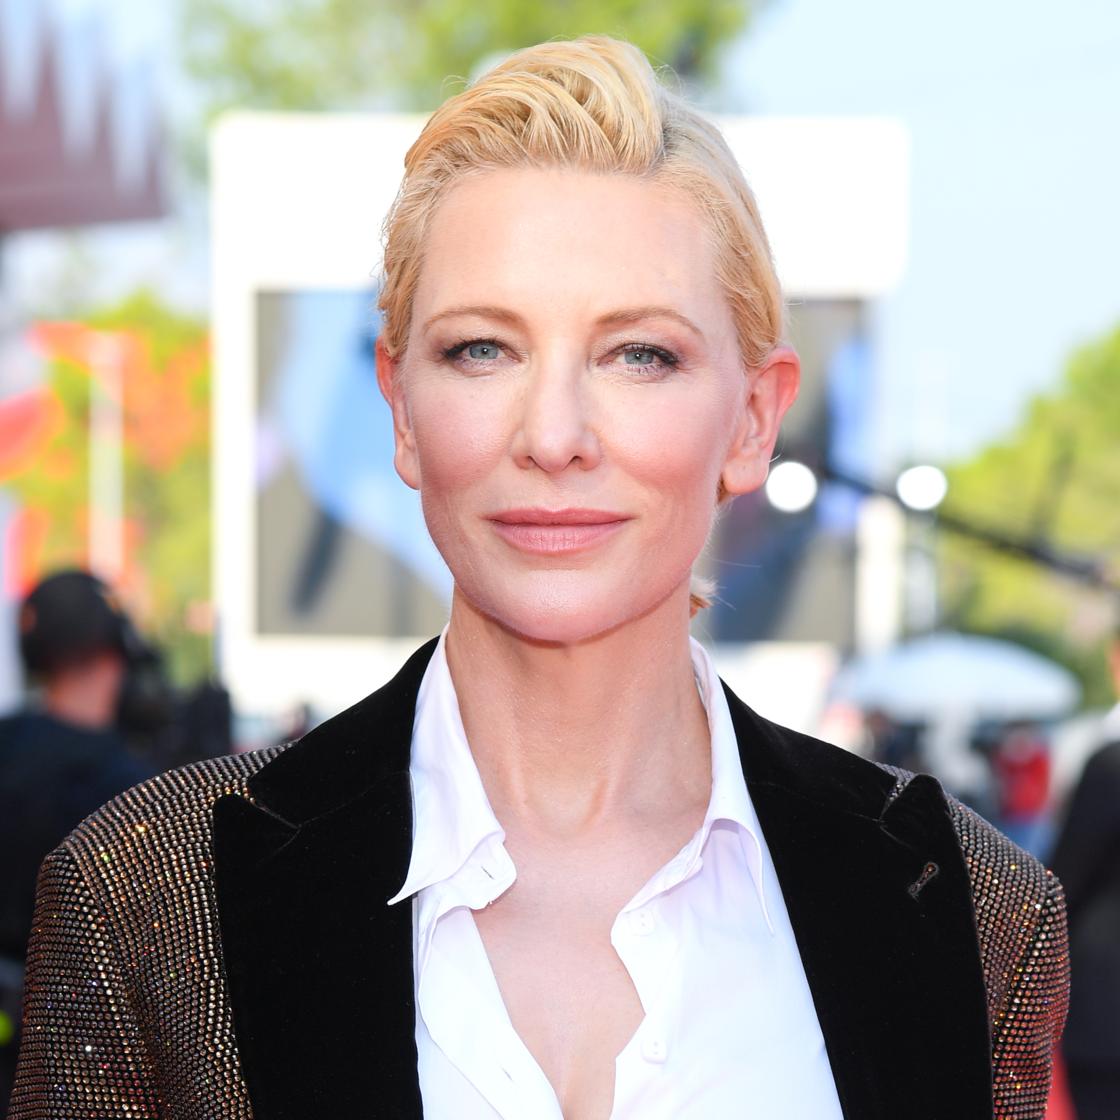 Cate Blanchett redessine et colore ses lèvres avec un crayon à lèvres et une laque coordonnée, lors de la Mostra de Venise 2020